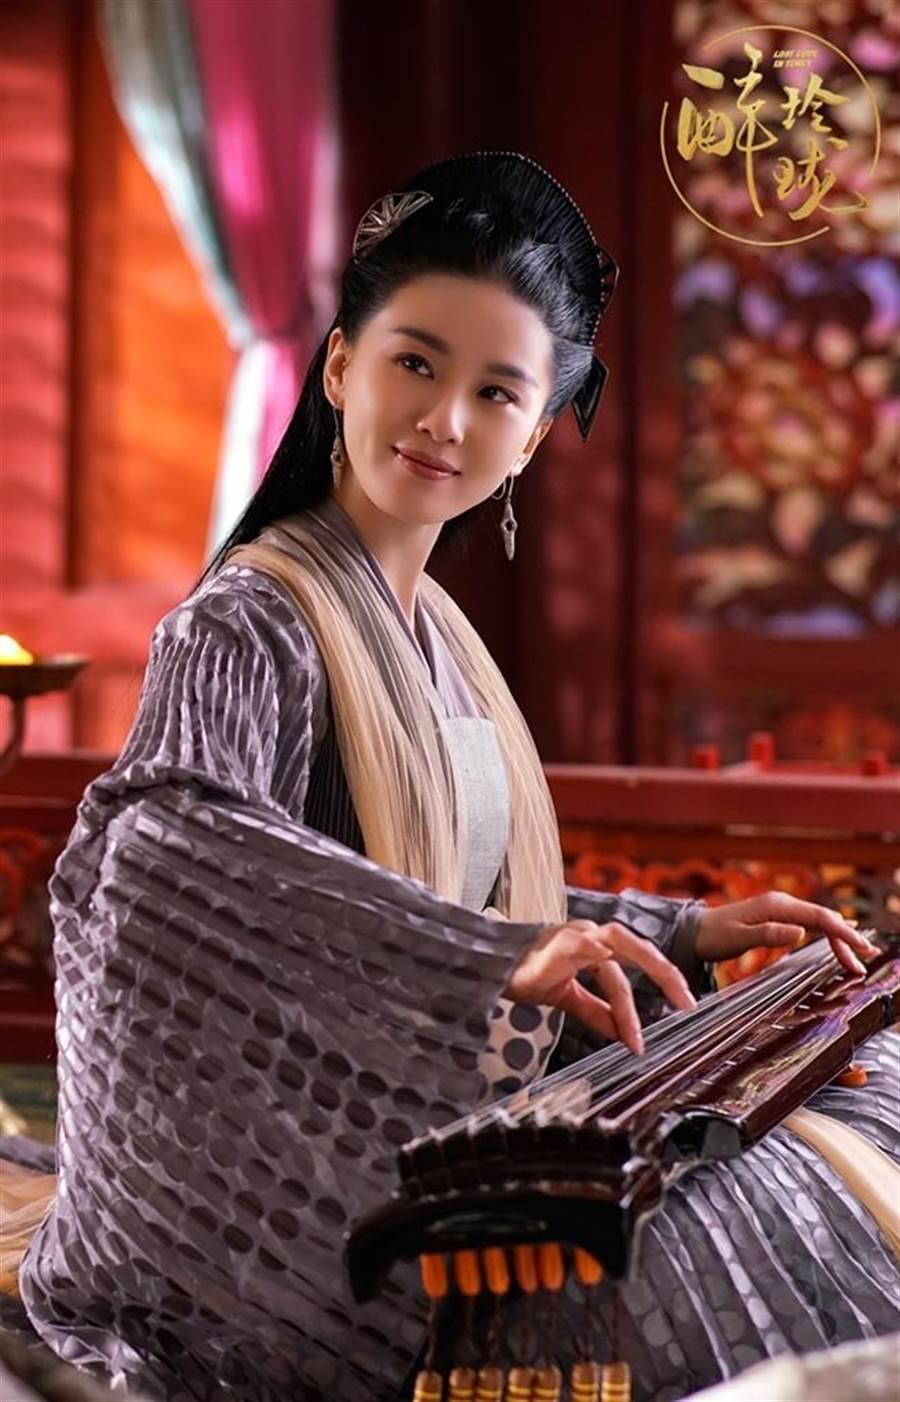 劉詩詩懷孕前唯一接演的古裝劇《醉玲瓏》,她在劇中飾演巫族聖巫女。(圖/中天提供)